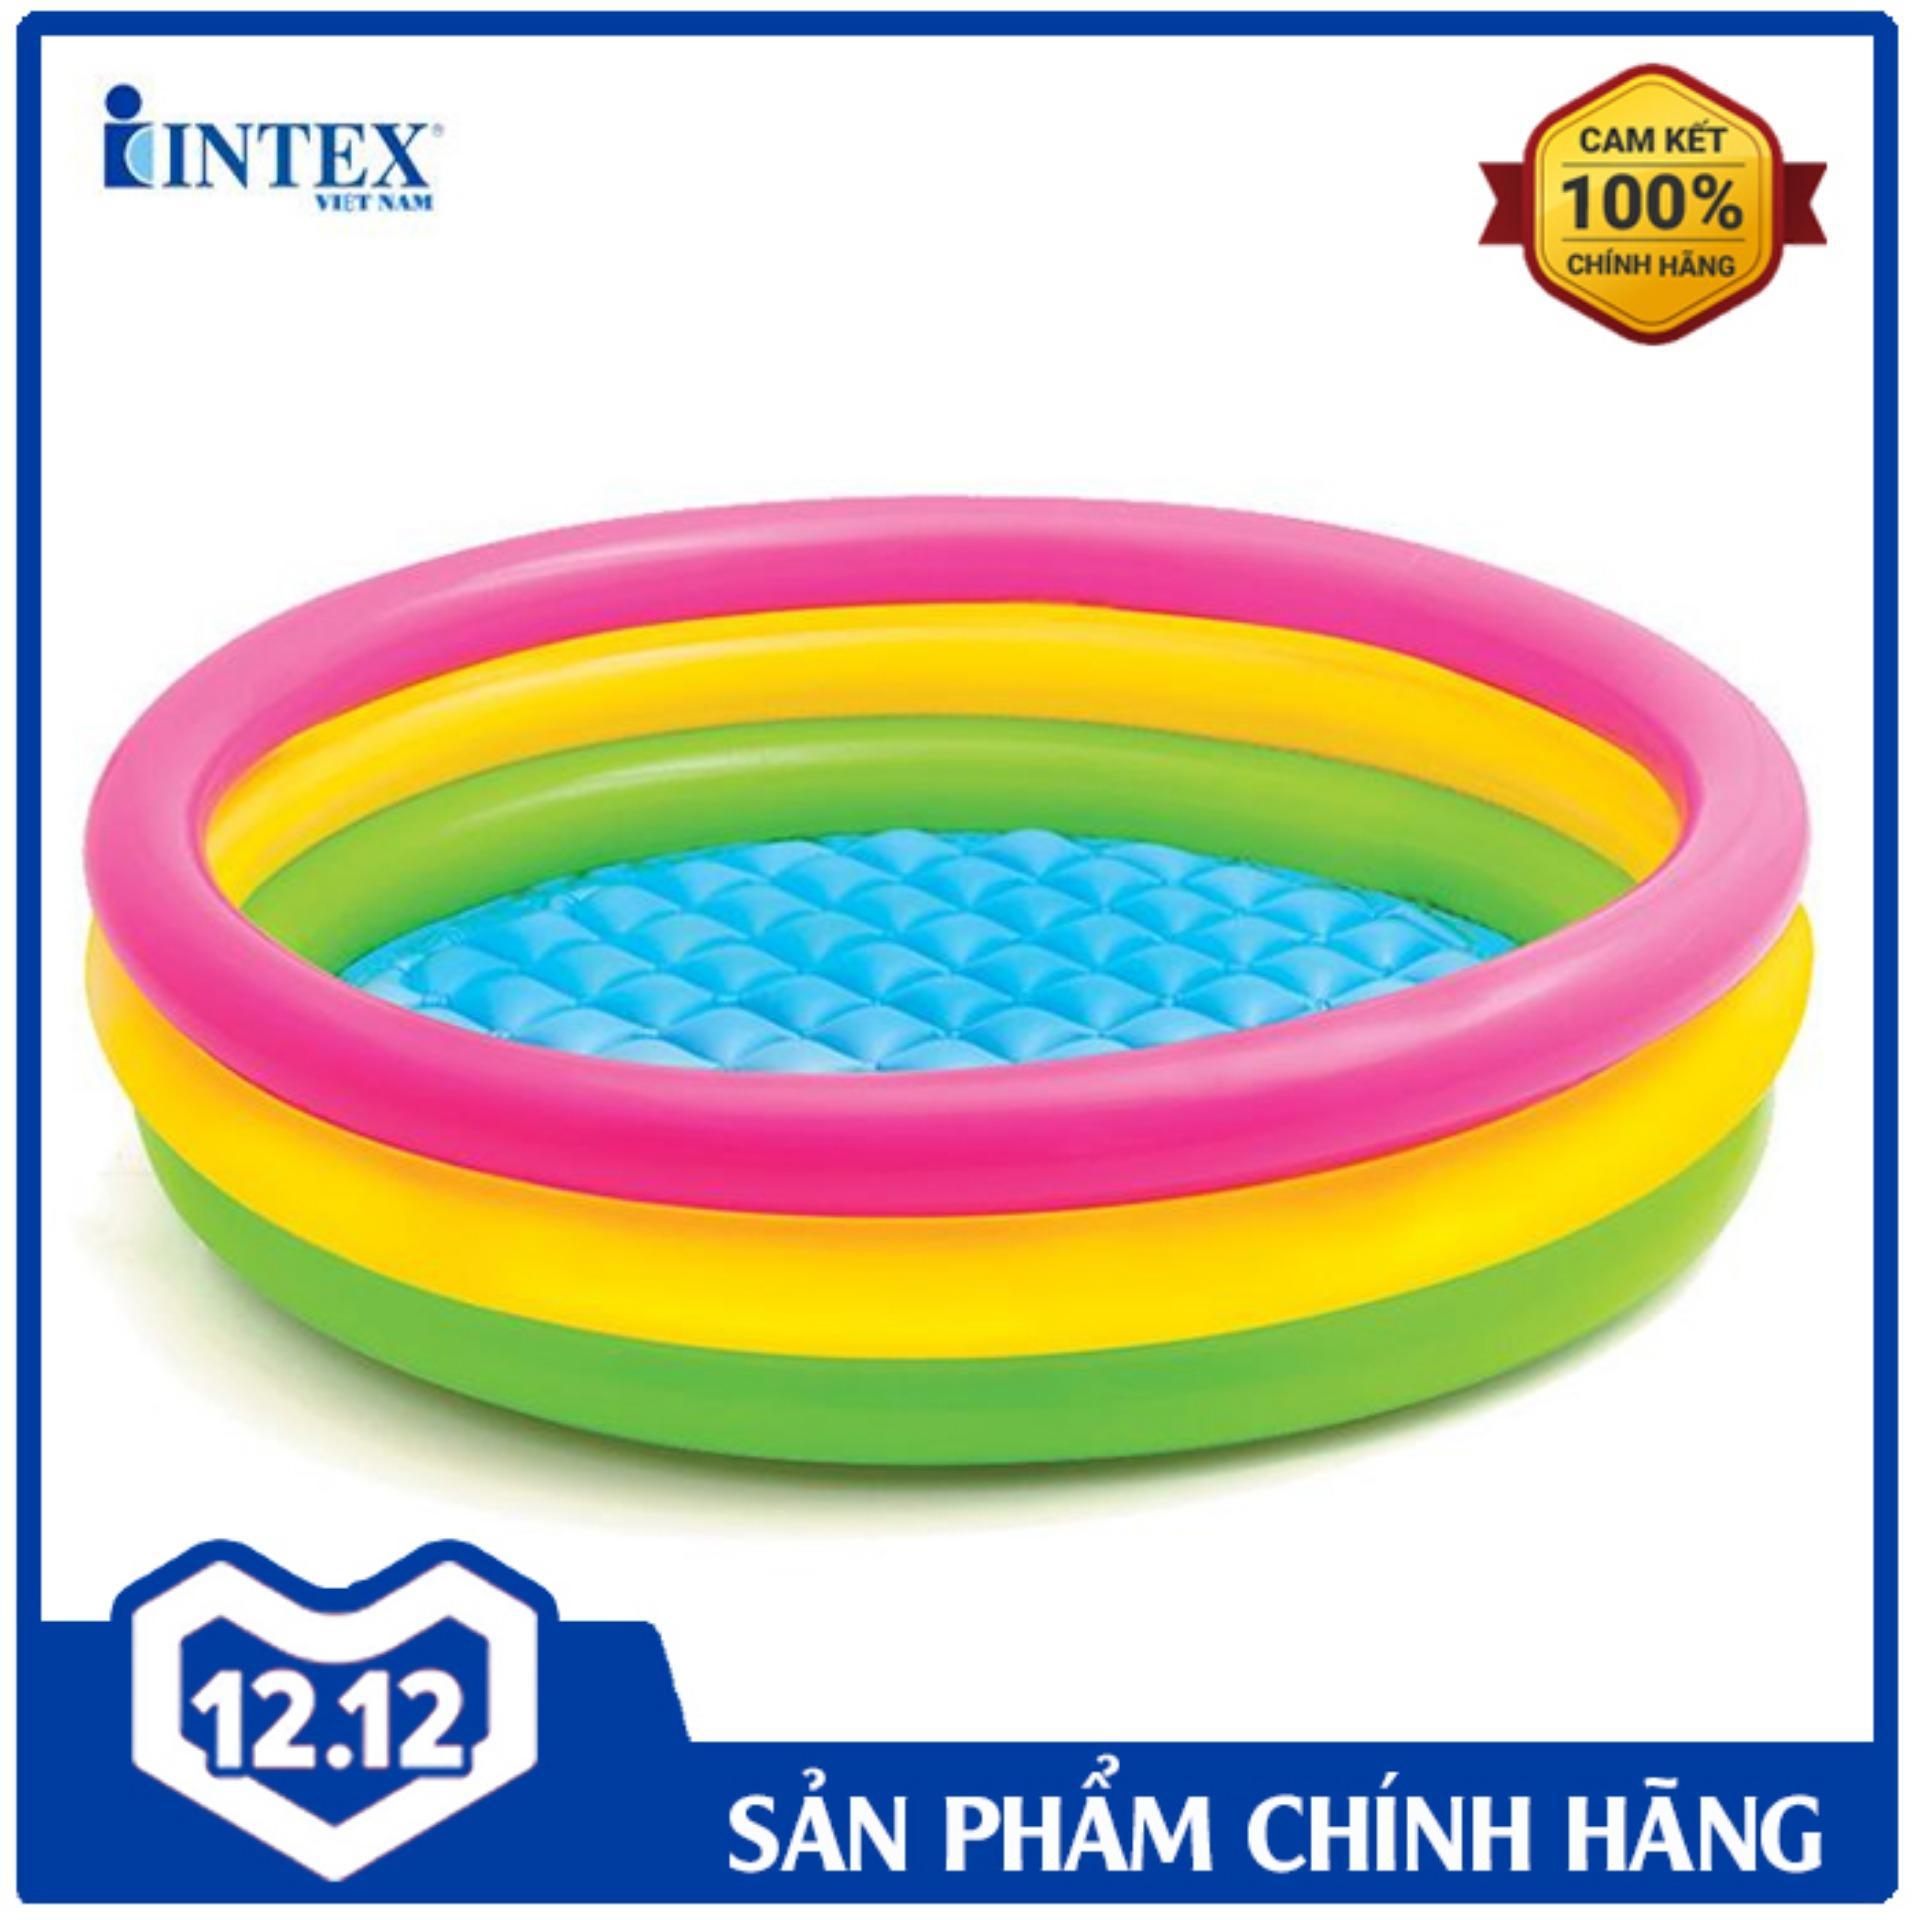 Mã Ưu Đãi Khi Mua Bể Bơi Phao 3 Tầng 1m47 INTEX 57422 - Hồ Bơi Cho Bé Mini, Bể Bơi Phao Trẻ Em